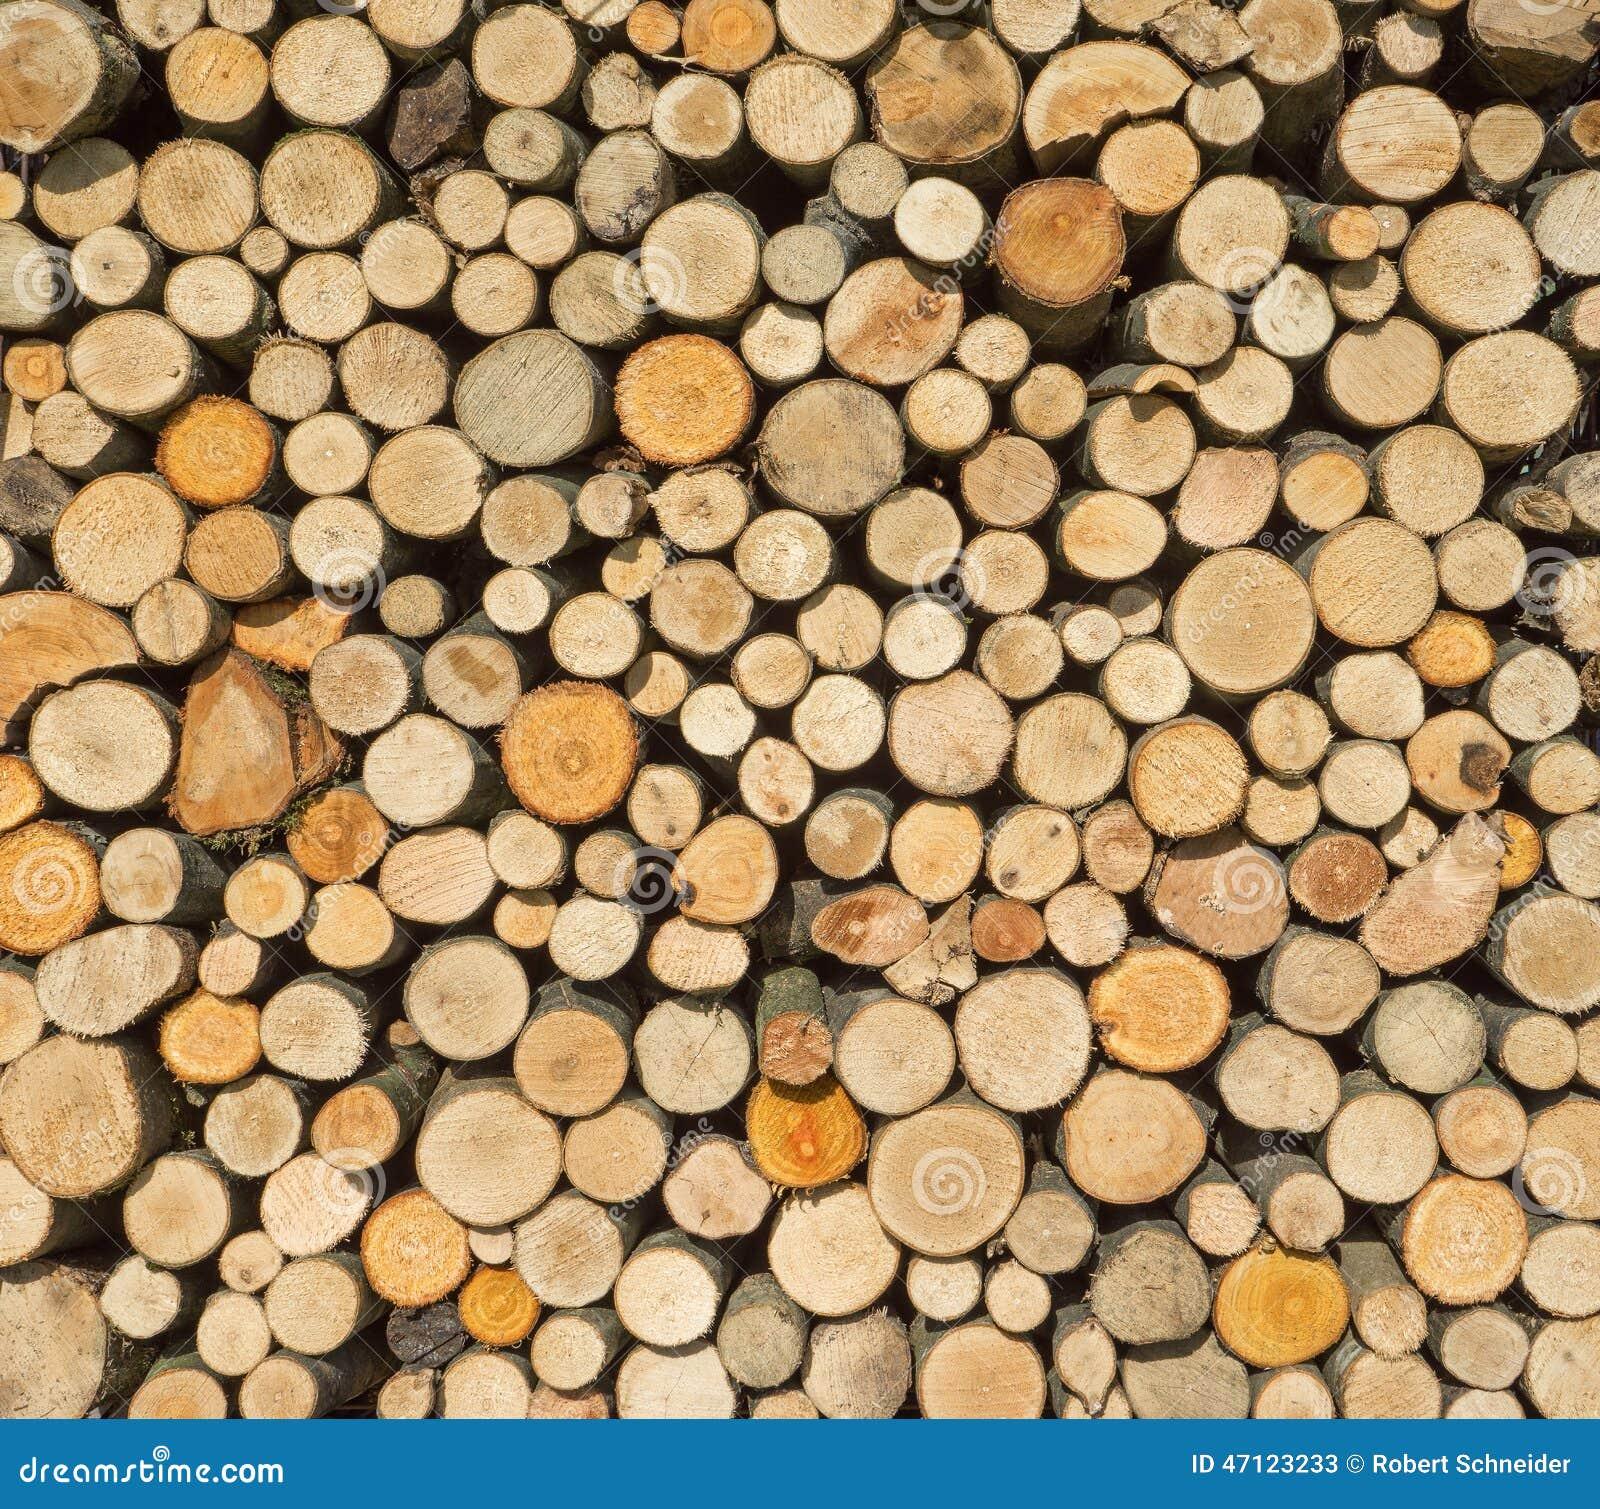 Tas de bois avec le bois de chauffage rond image stock for Les bois flottes de sophie